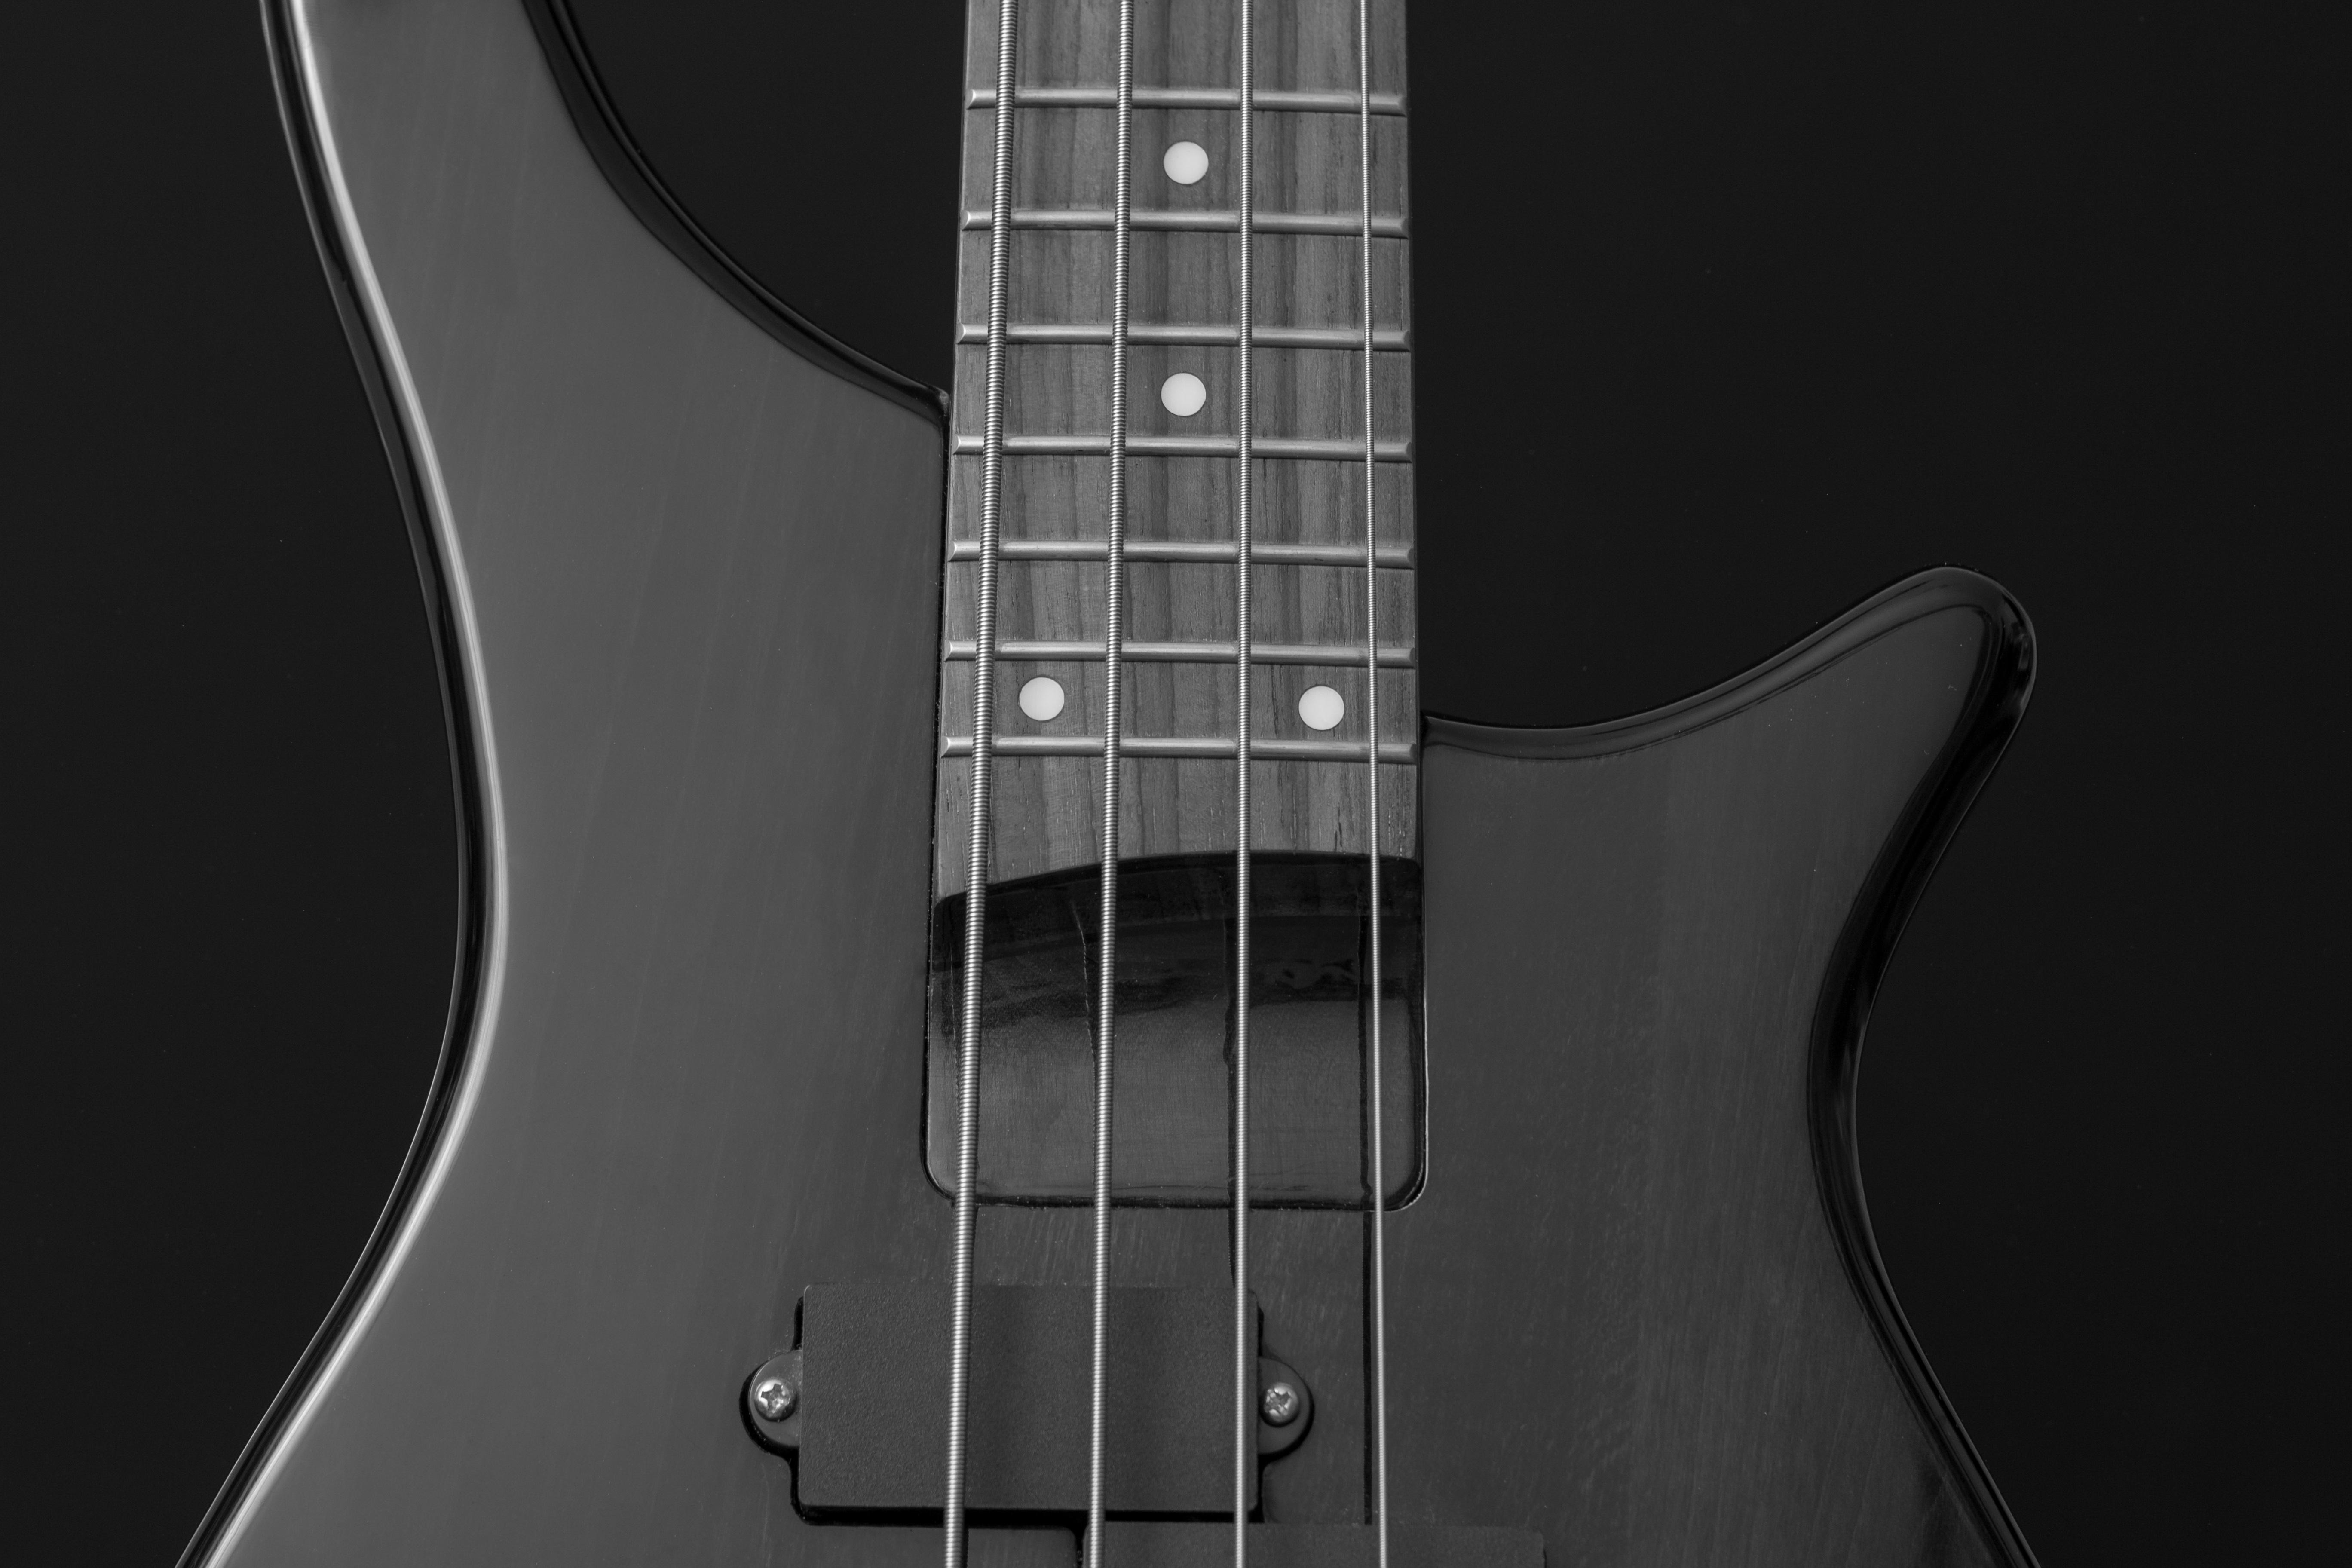 Fotos Gratis Rock En Blanco Y Negro Guitarra Acustica Monocromo